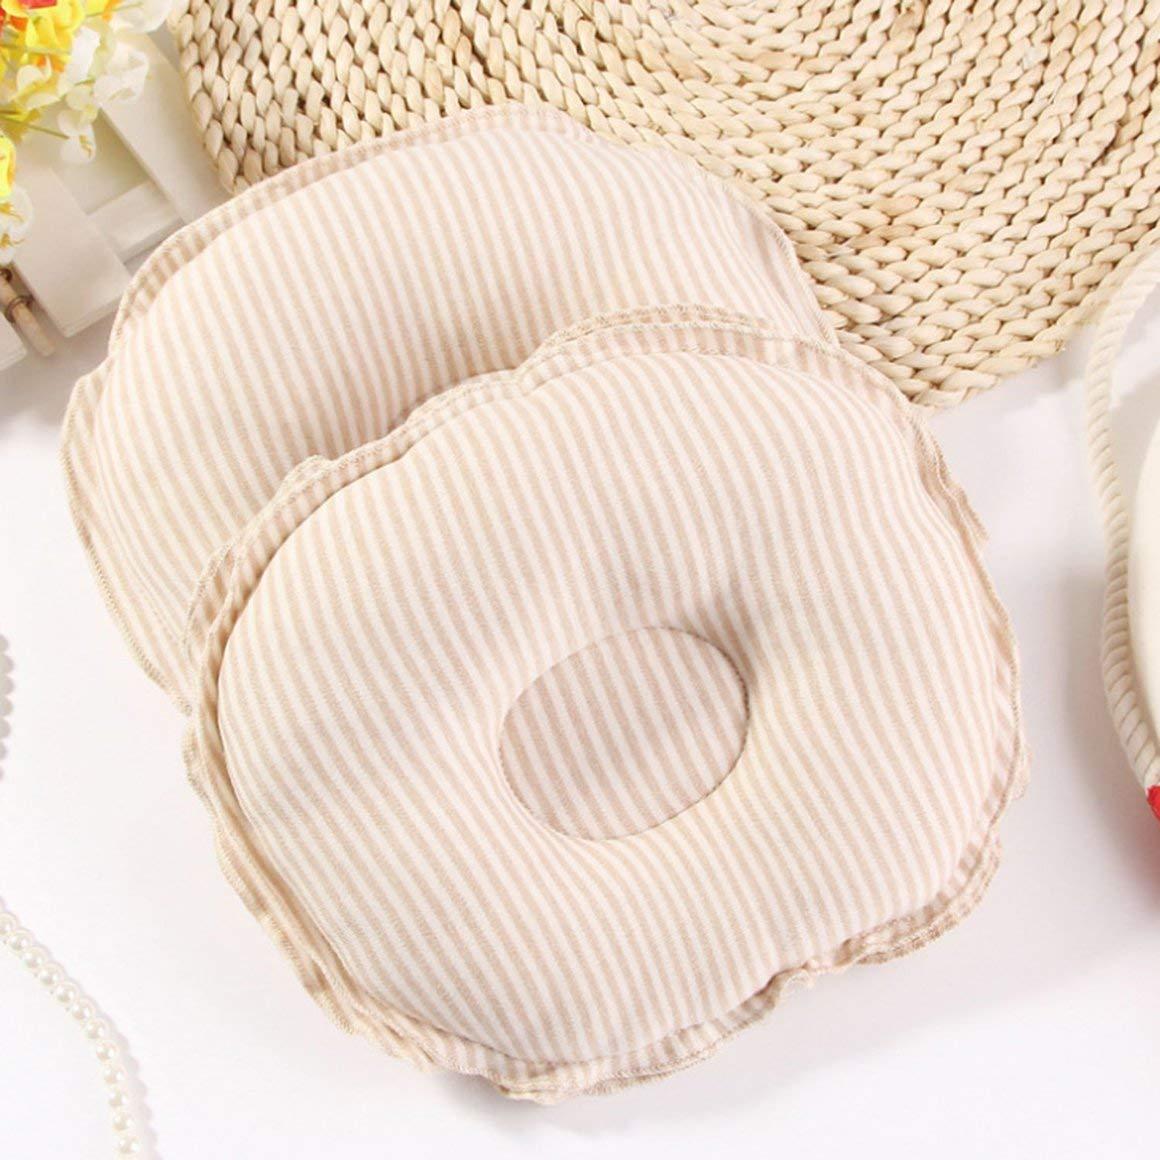 Funnyrunstore Natural Organic Cotton Newborn Infant Girls Boys Support Cushion Sleeping Pillow Baby Soft Shape Pillow Prevent Flat Head